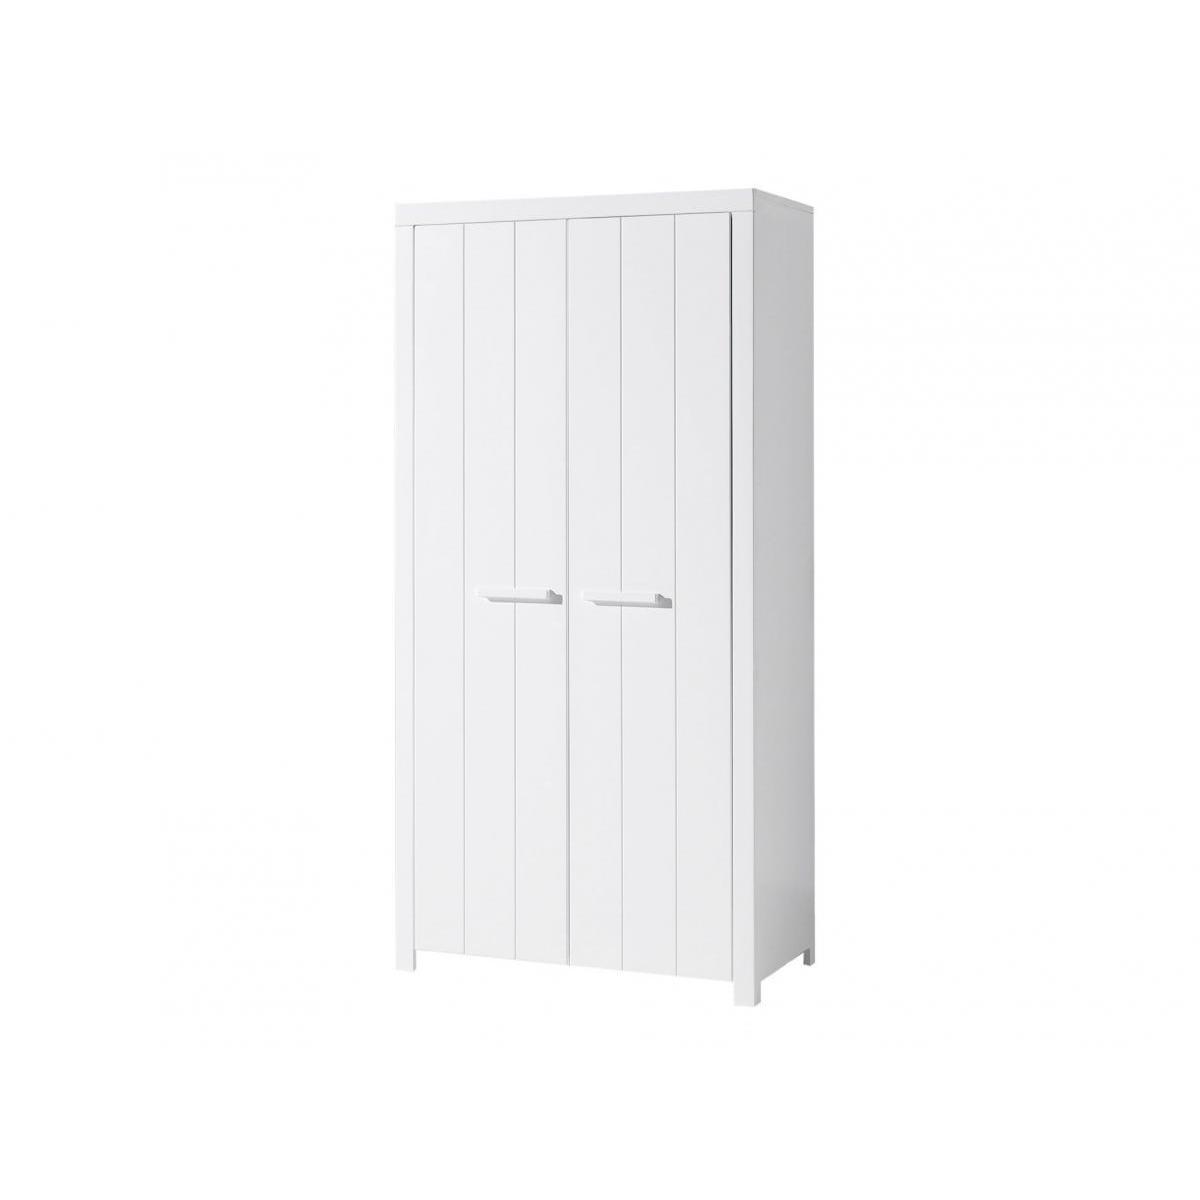 Vipack Vipack ERIK Armoire 2 portes en bois laqué blanc Longueur 100cm